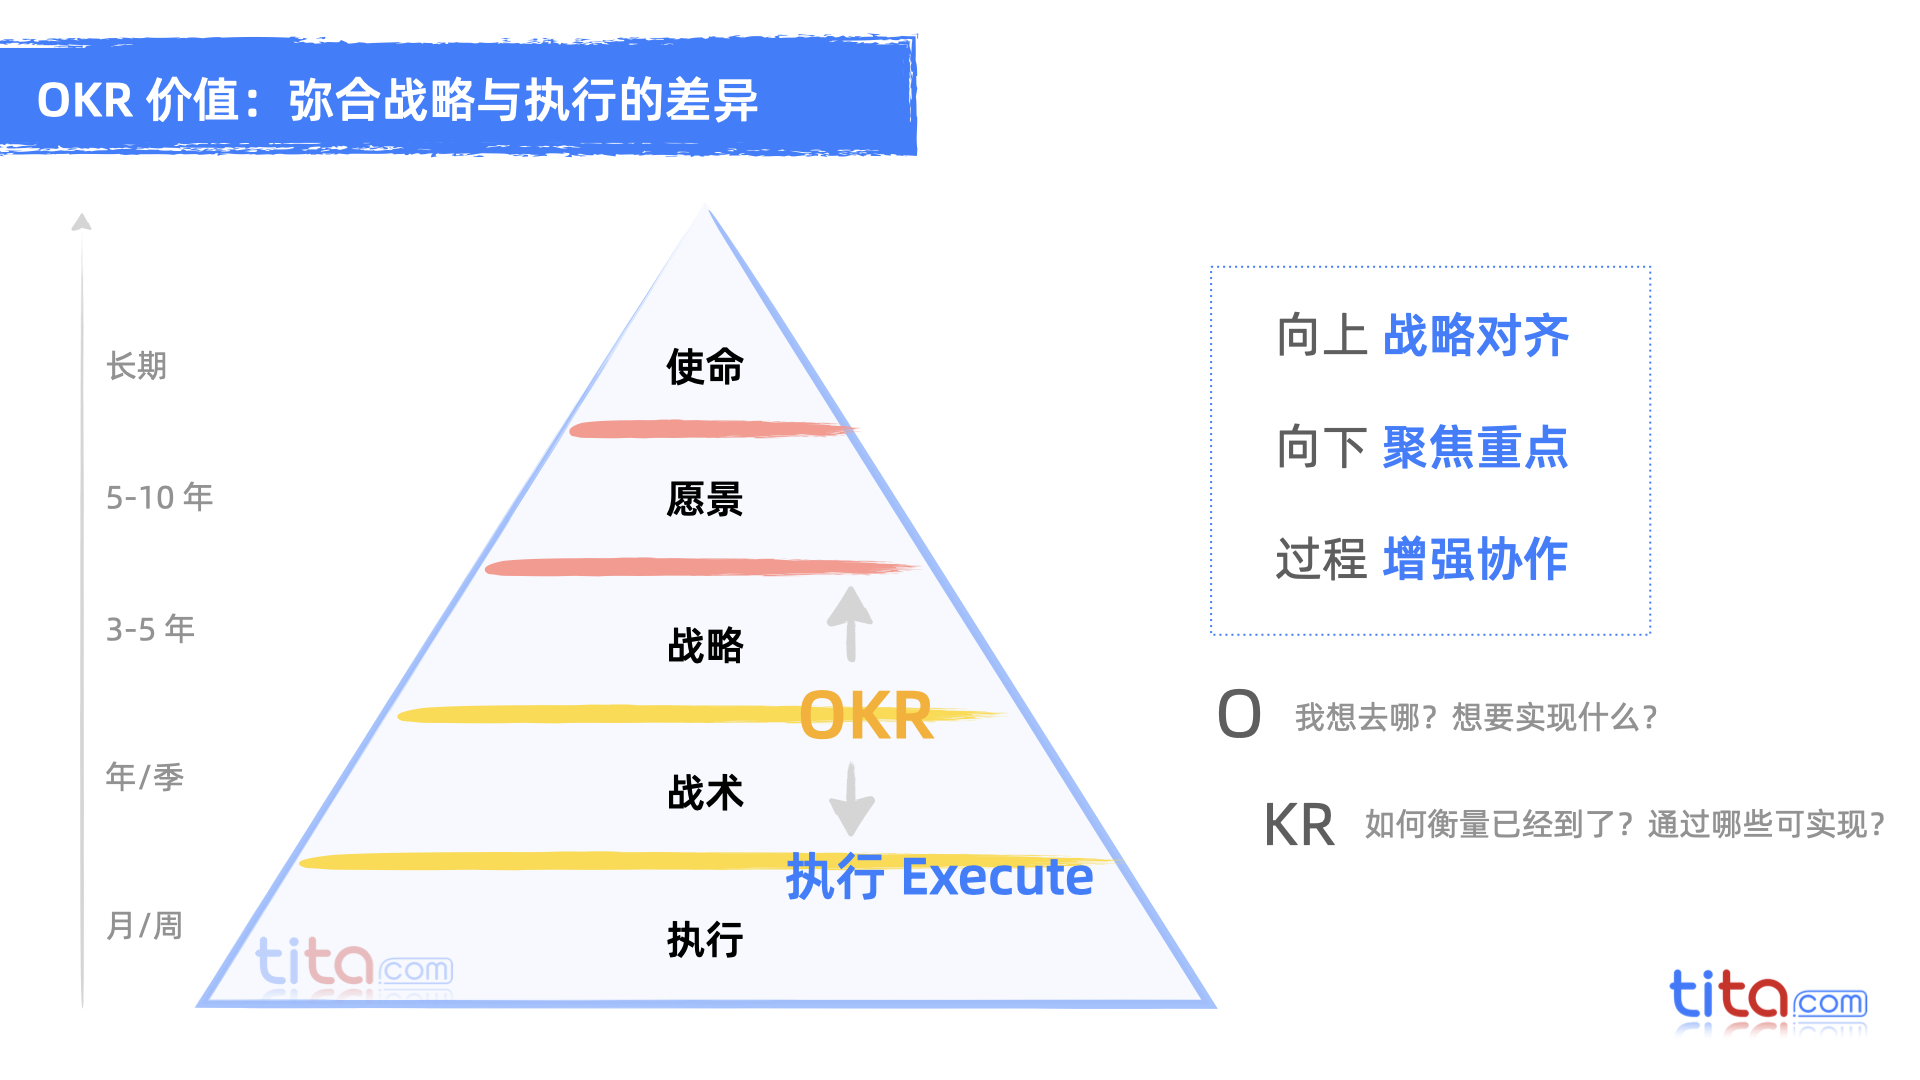 OKR 和项目管理之间的紧张关系